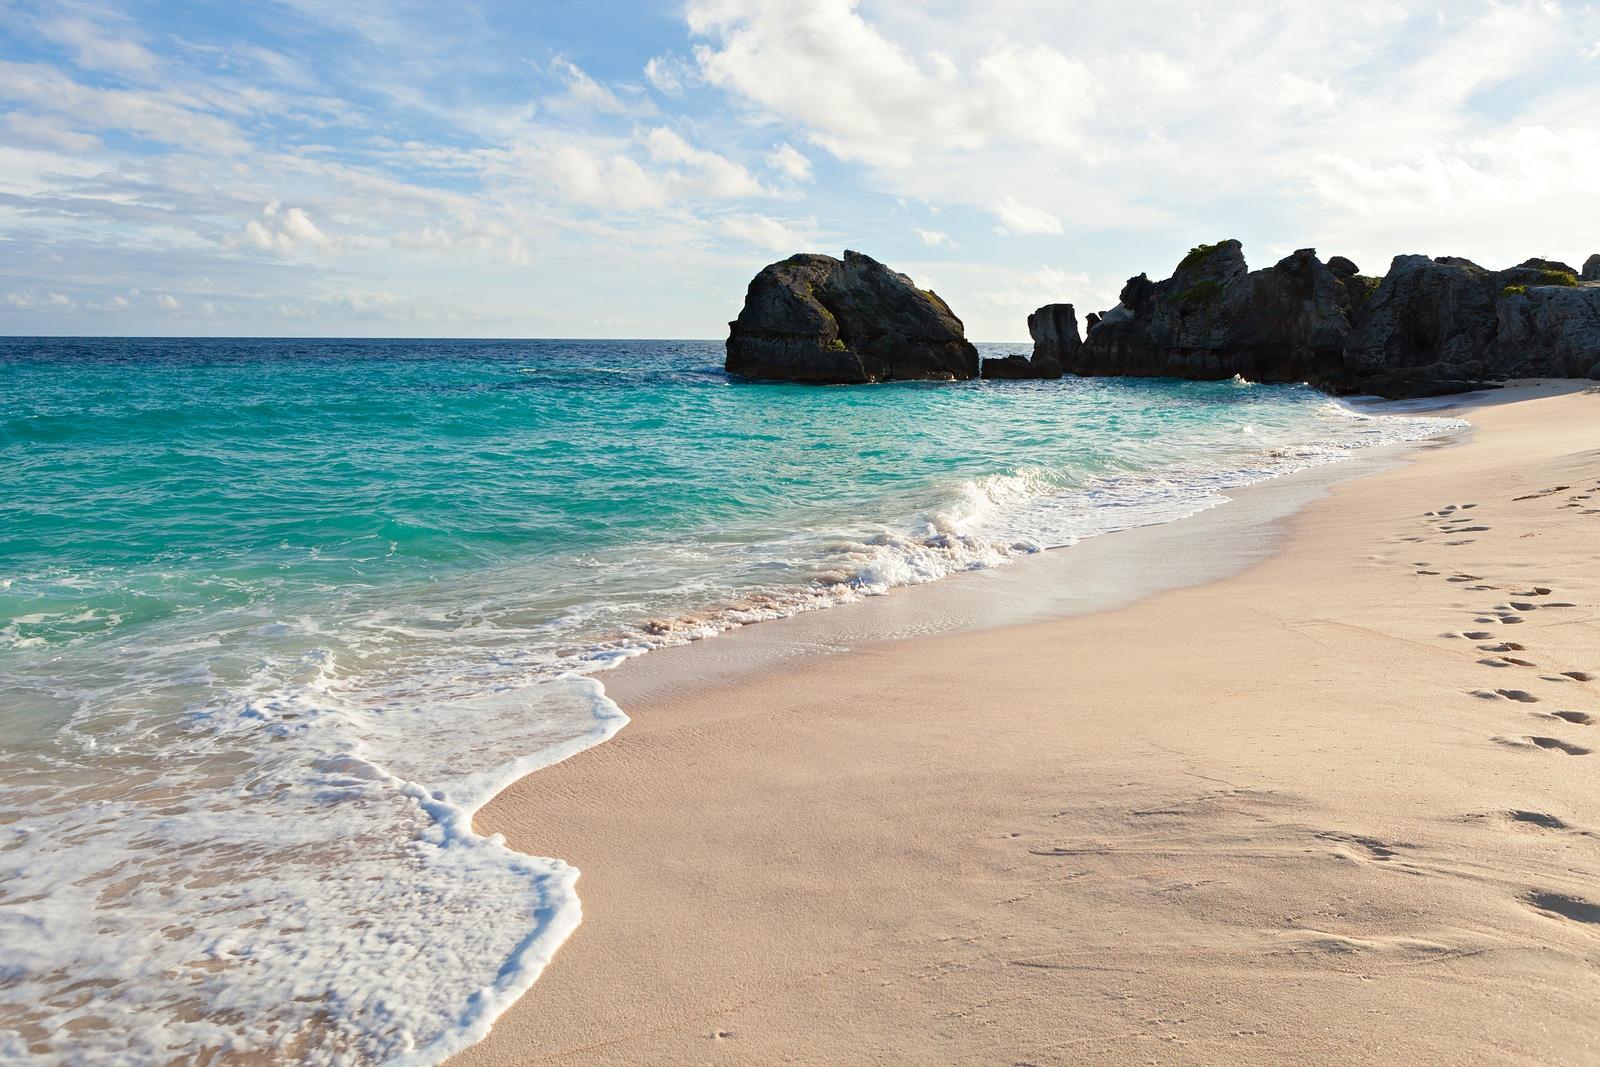 ¿Por qué la primavera es la mejor temporada para visitar Bermuda? Según Eccentry Holidays